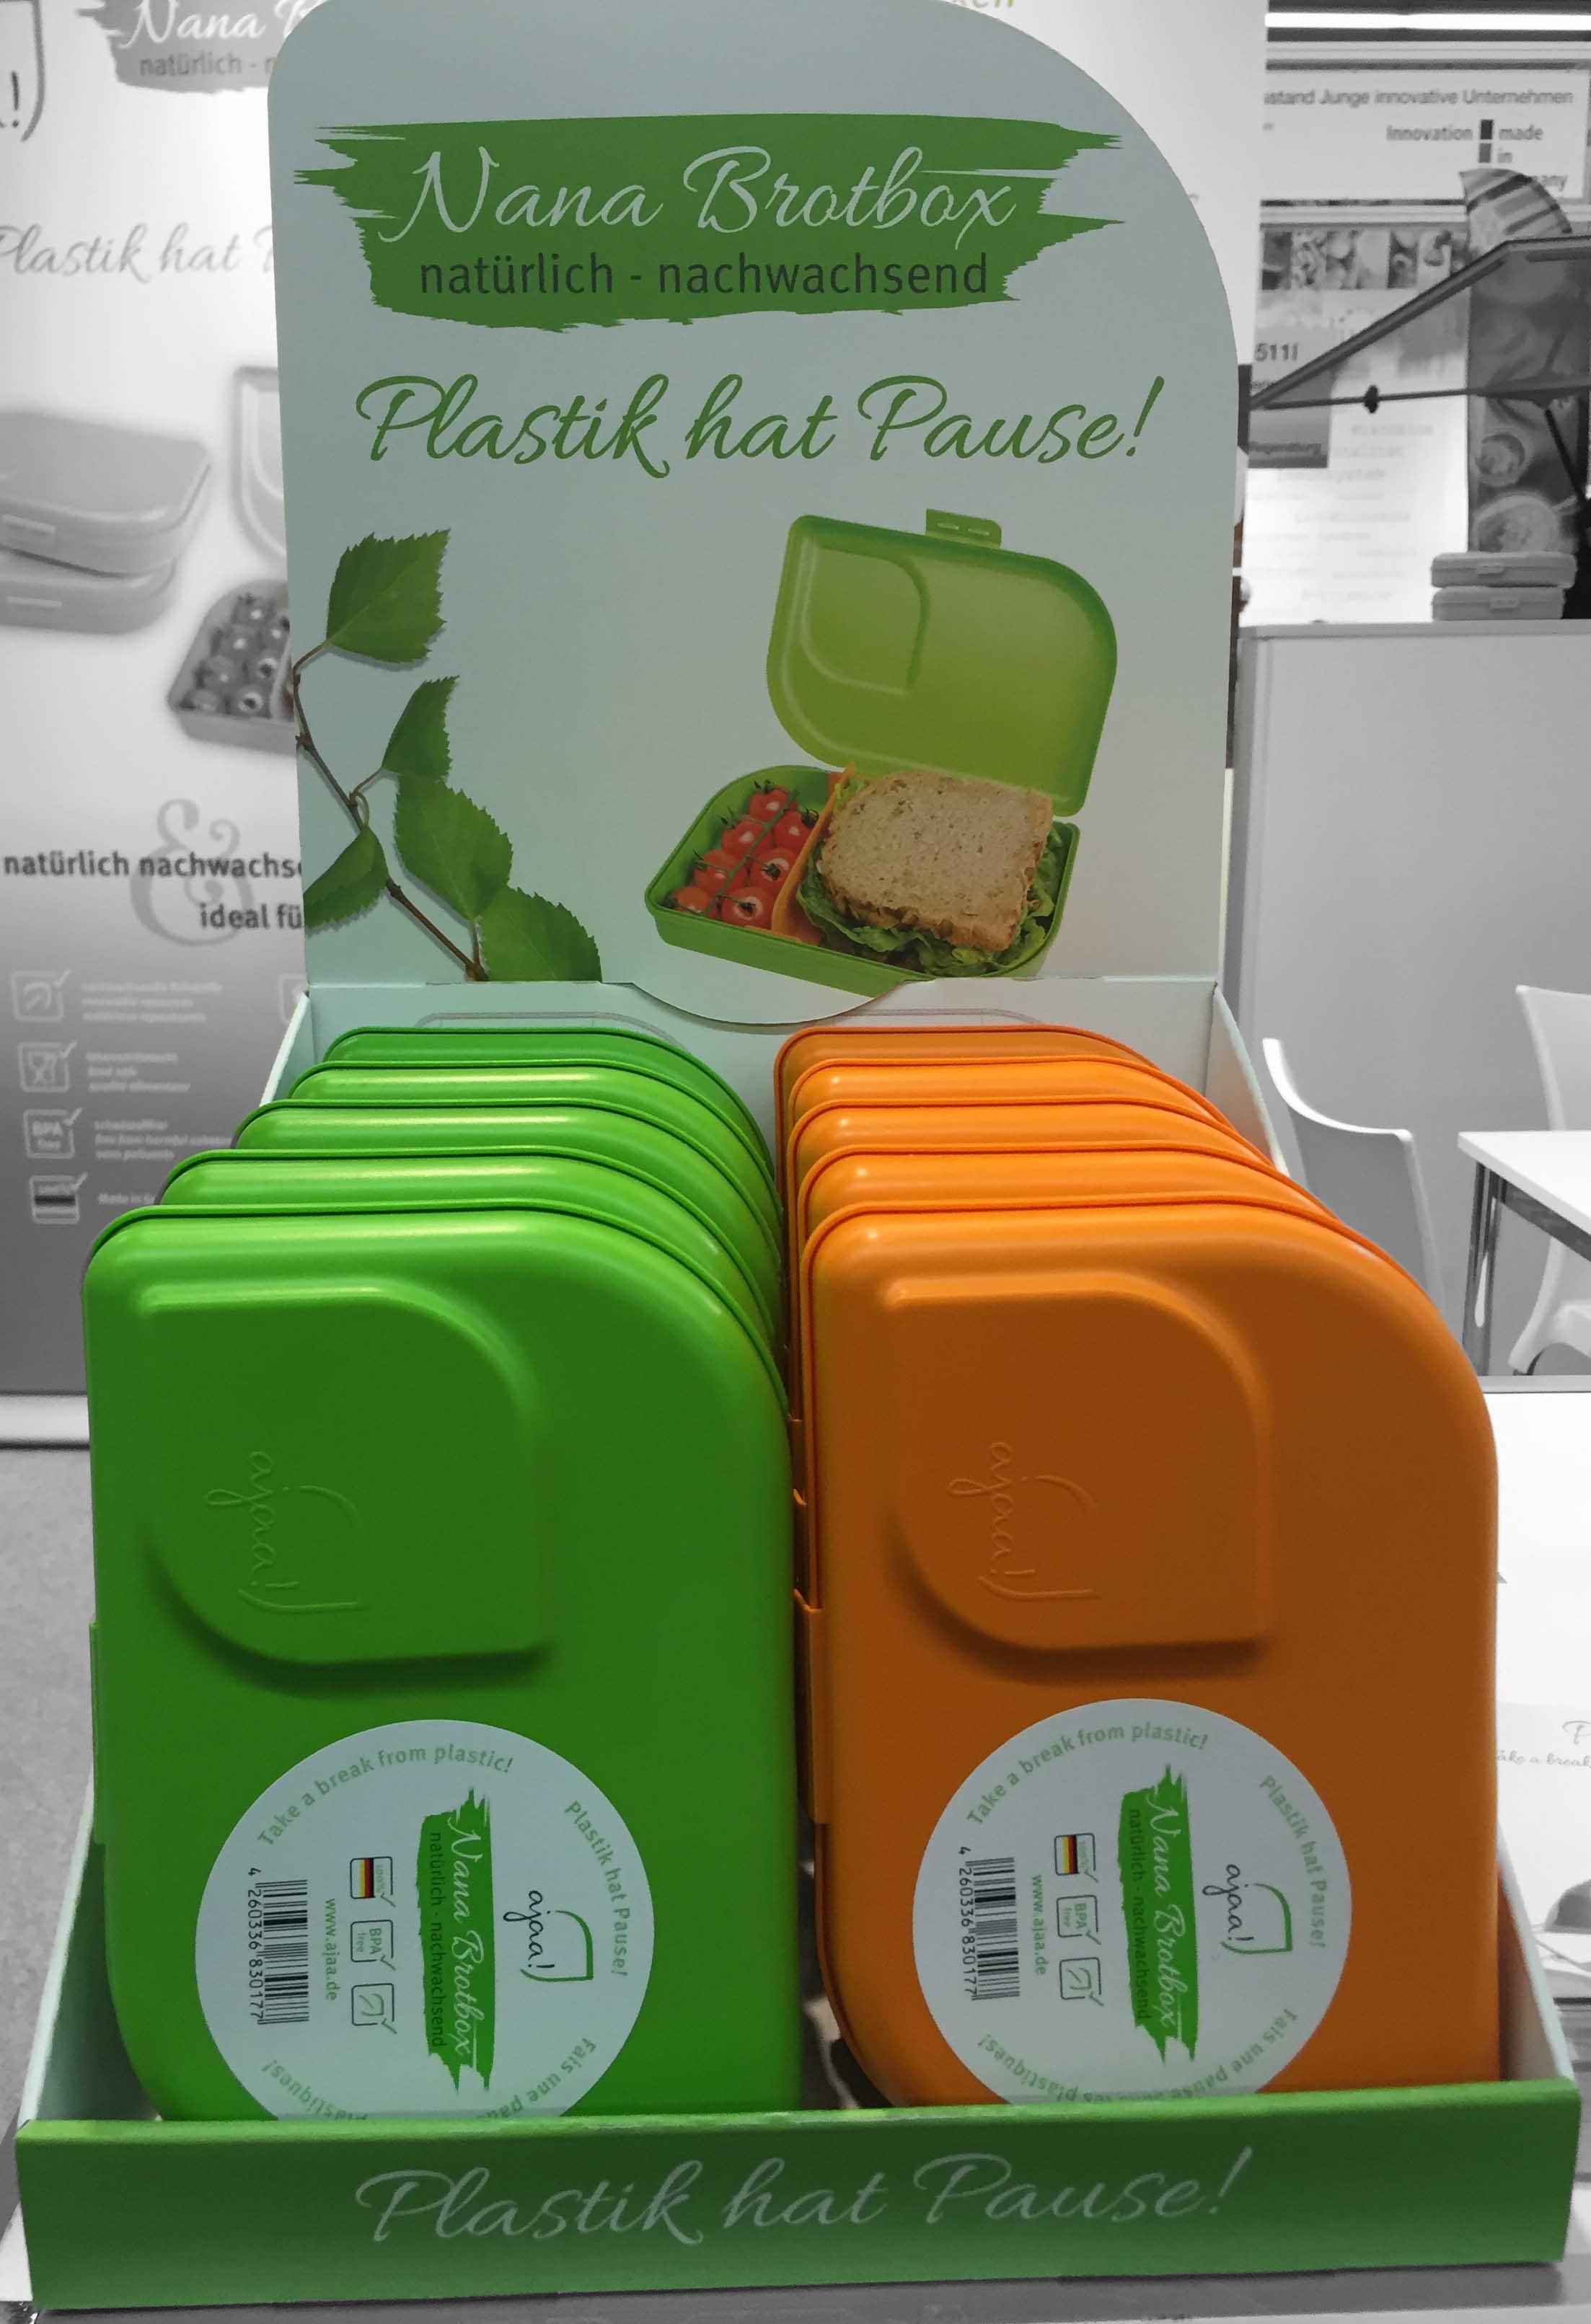 plastik hat pause ajaa bringt plastikfreie nana brotbox. Black Bedroom Furniture Sets. Home Design Ideas